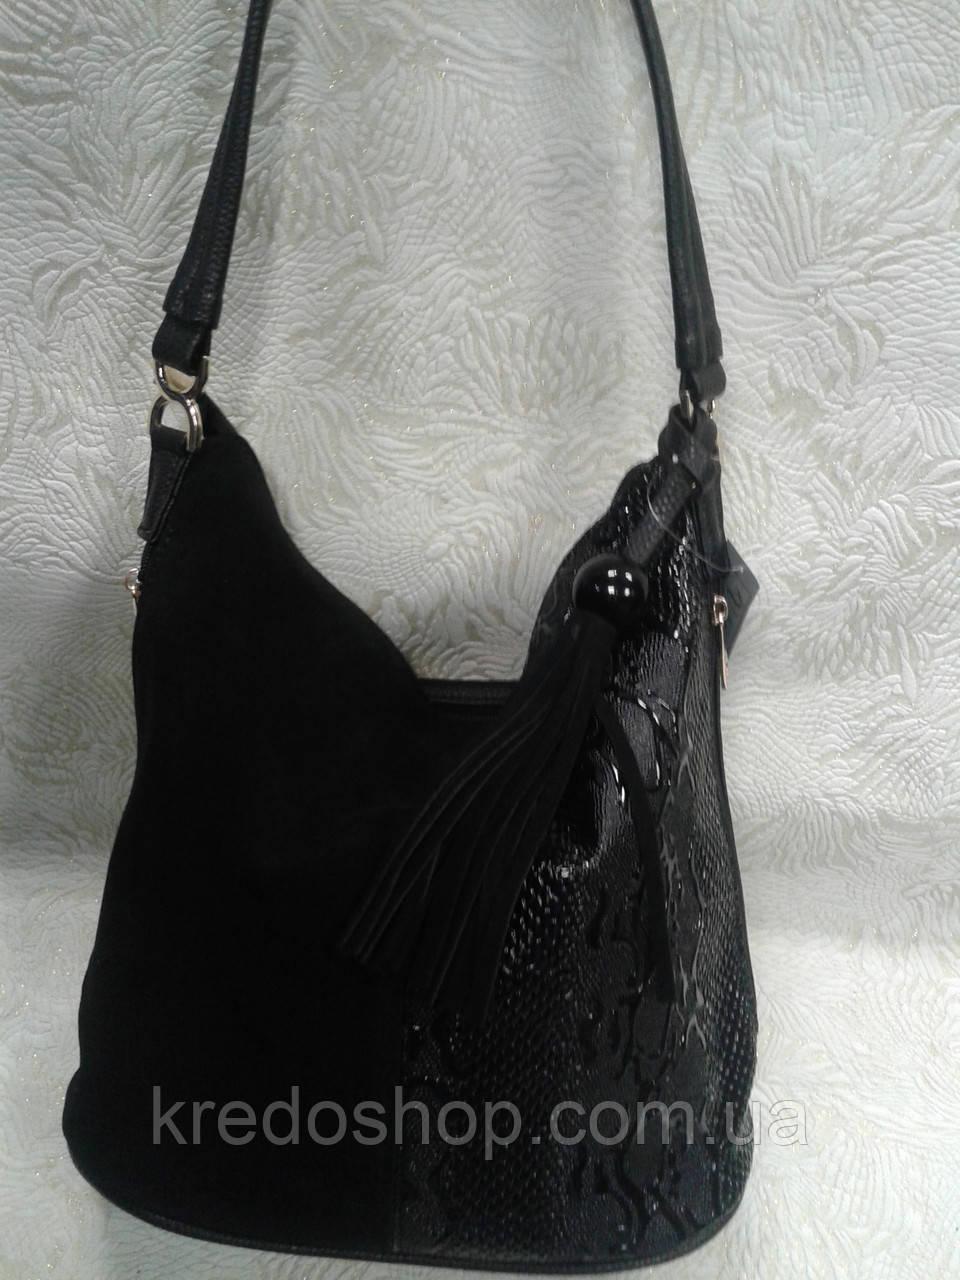 58df11d703f9 Сумка стильная молодежная черная замша с лаком - Интернет-магазин сумок и  аксессуаров